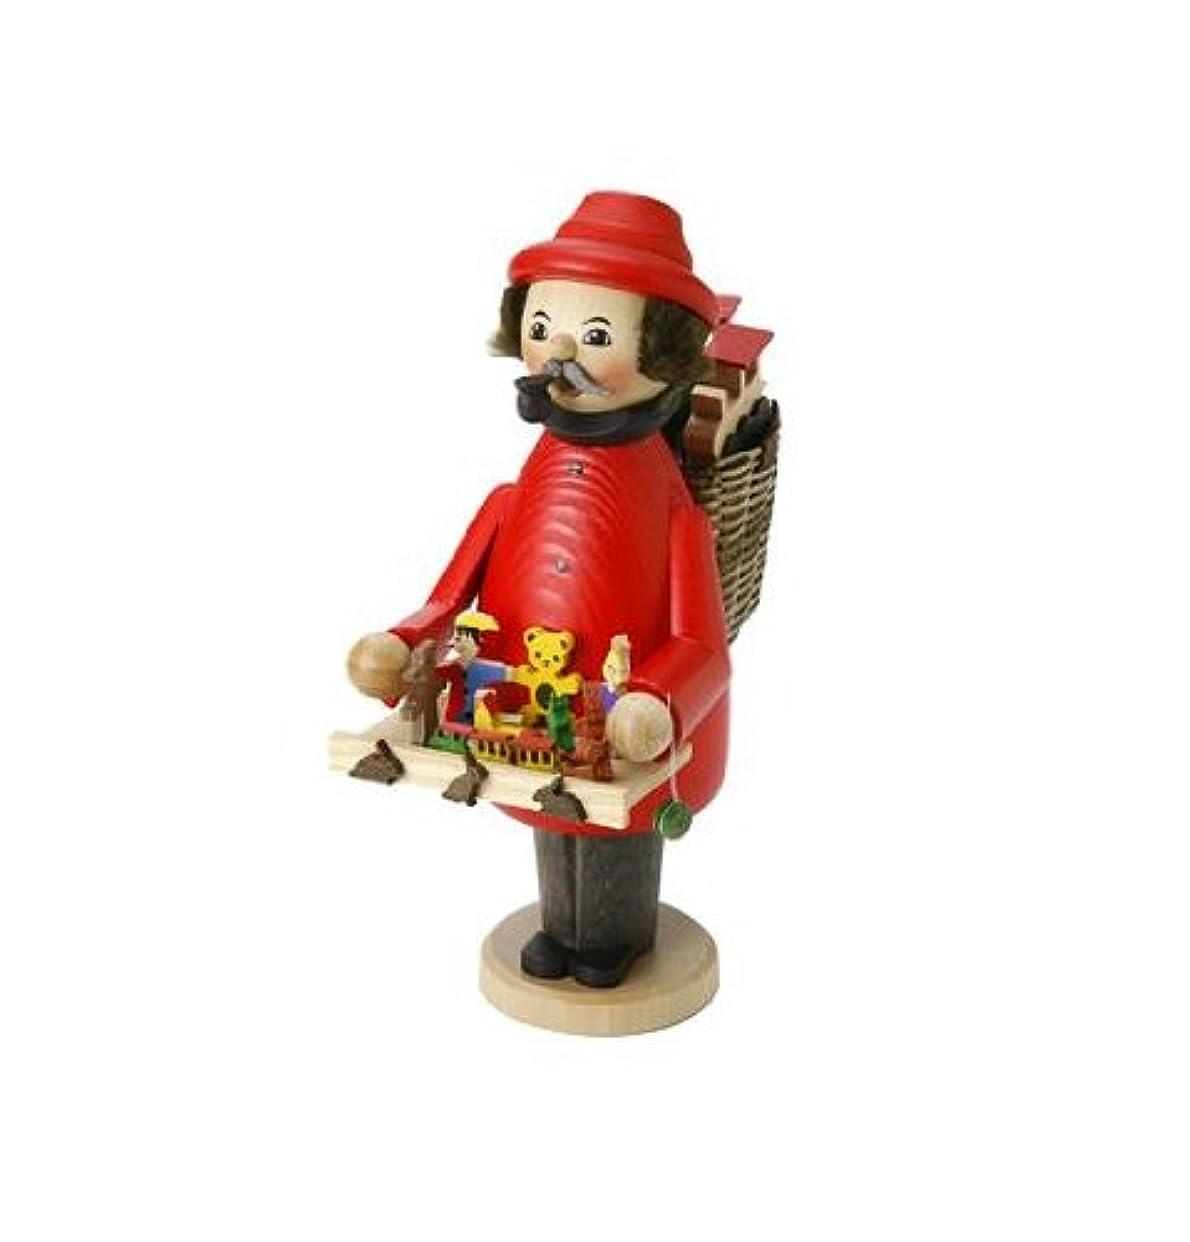 ファンドボール刑務所ミニパイプ人形香炉 おもちゃ売り